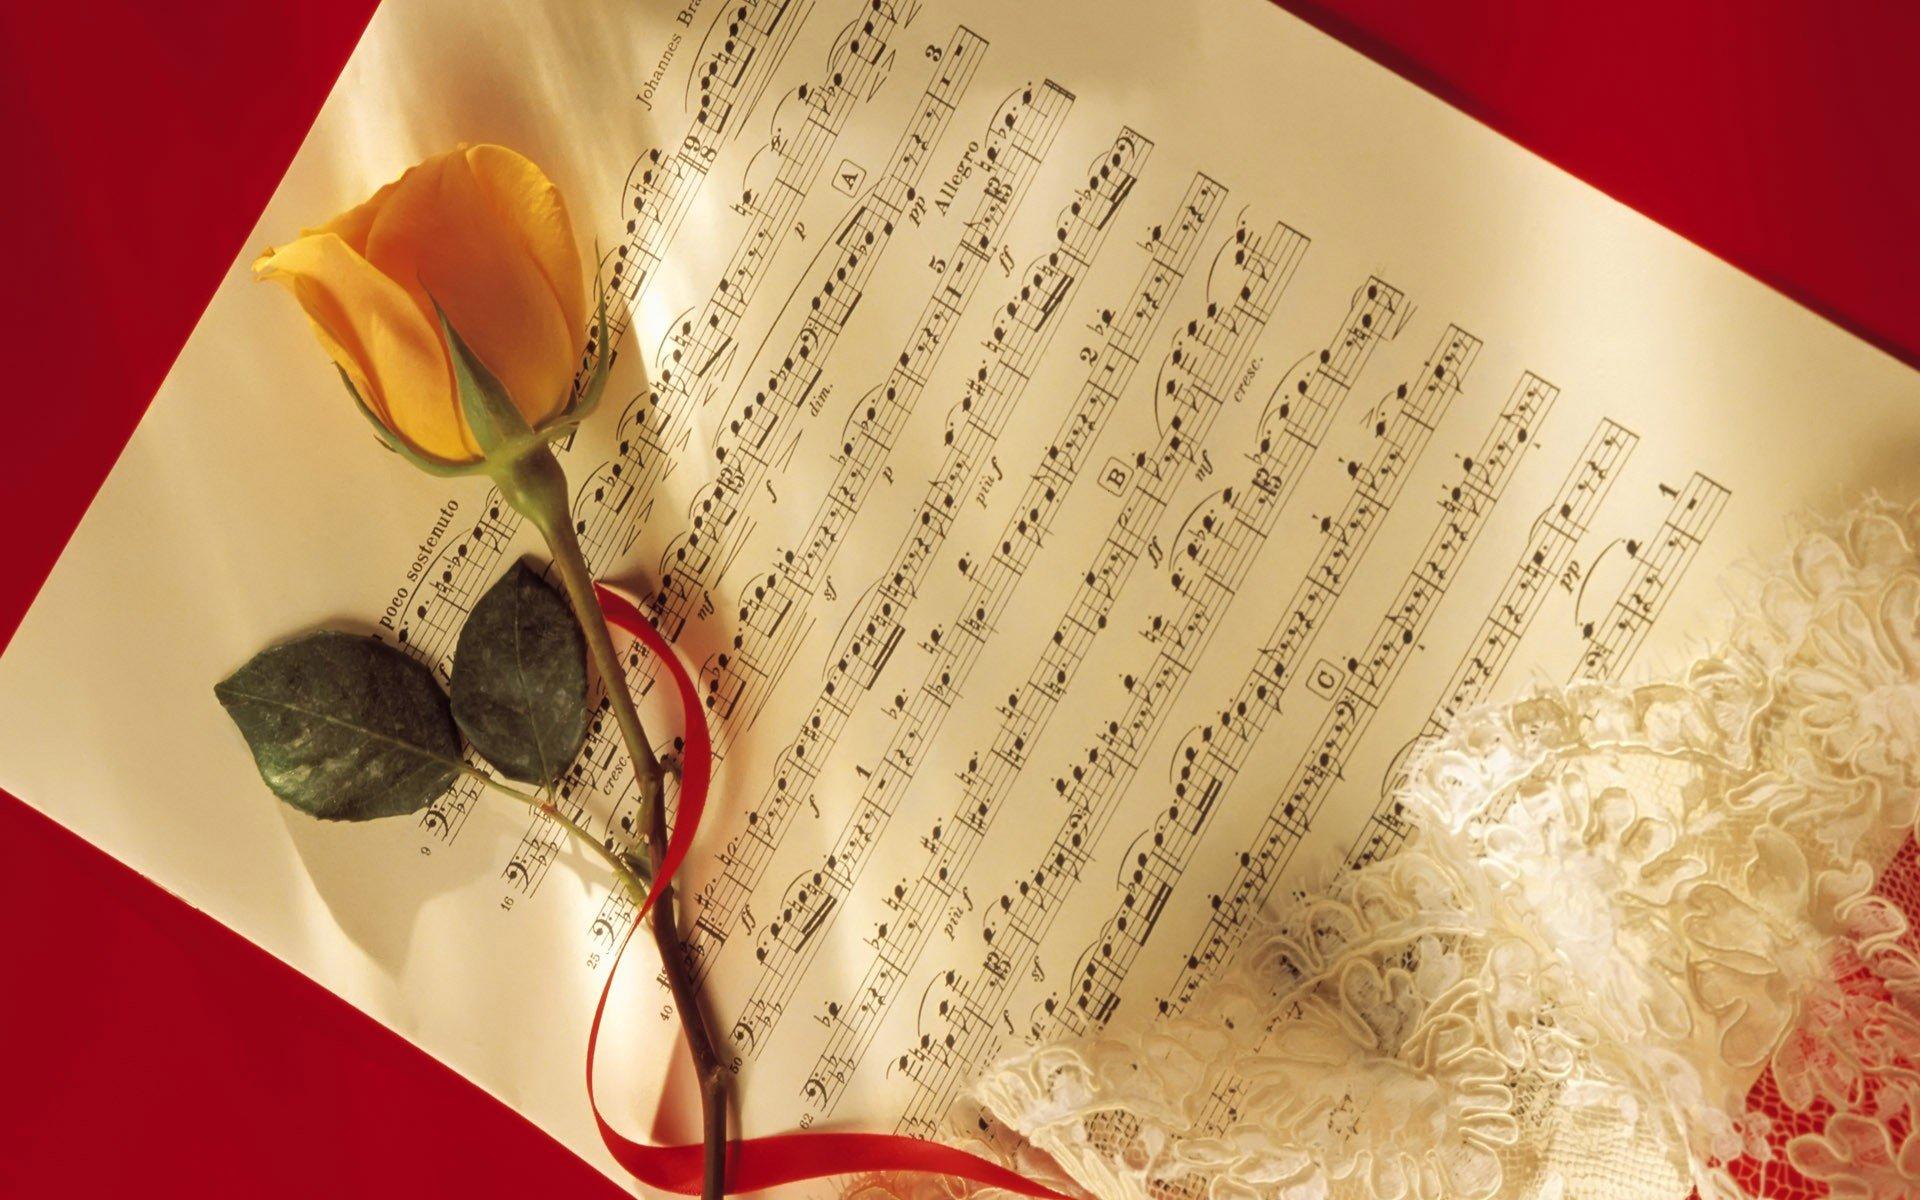 Фоновая музыка для поздравления на свадьбу грустная